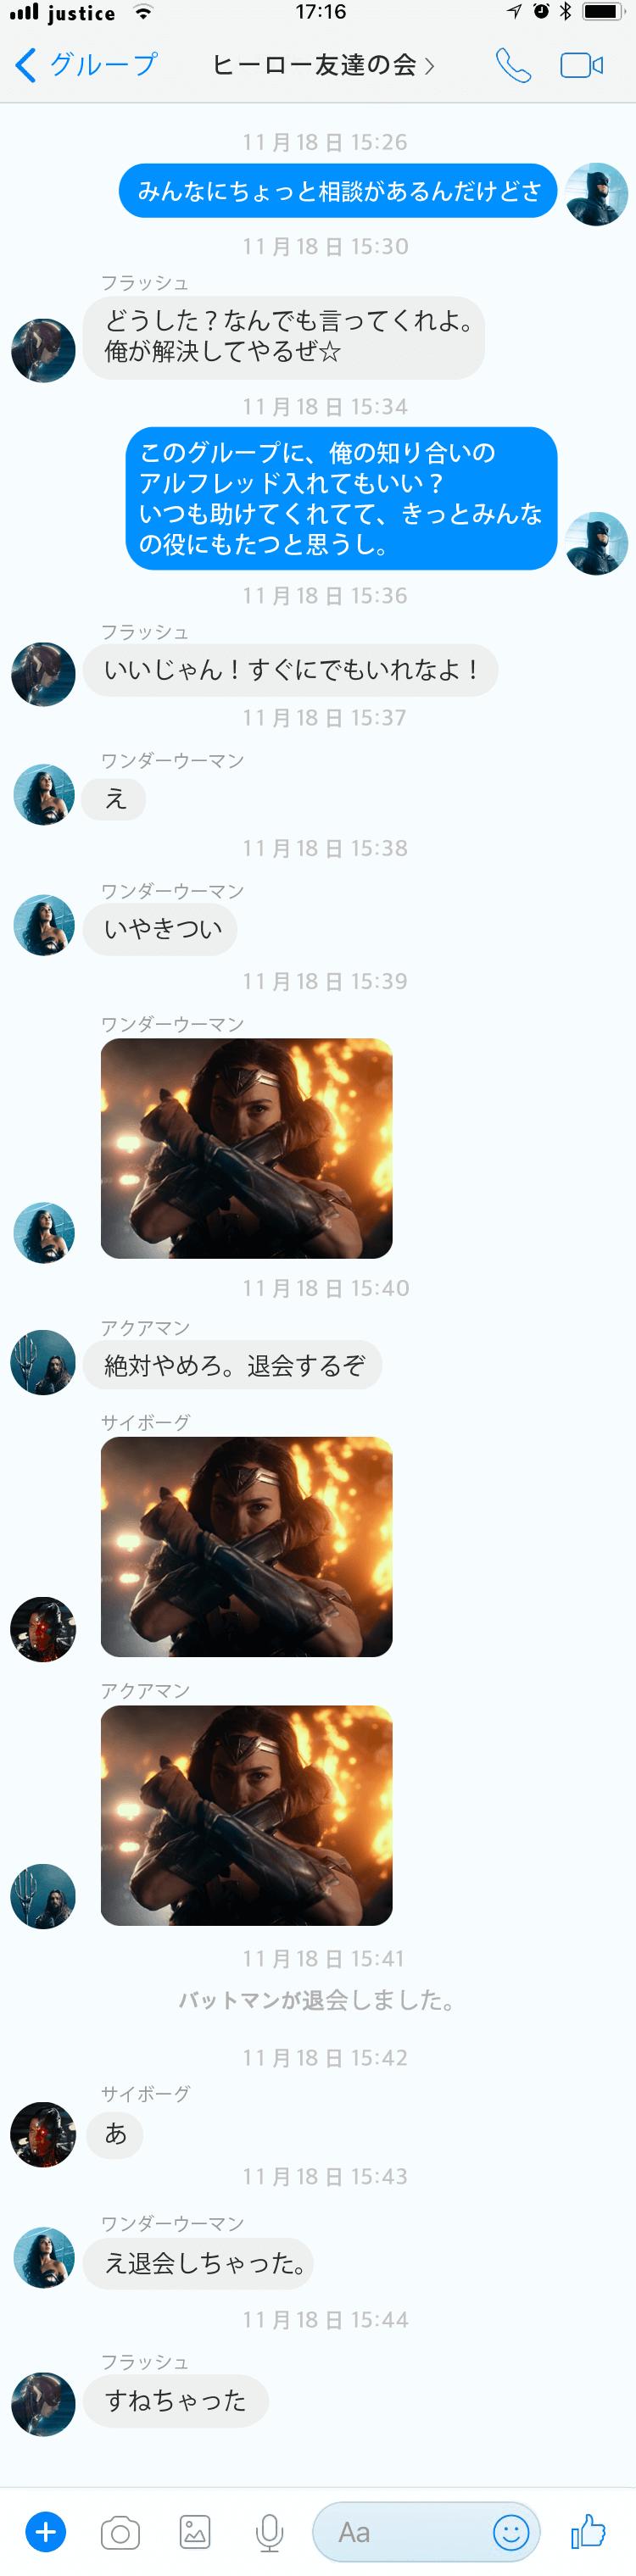 justice_messenger2